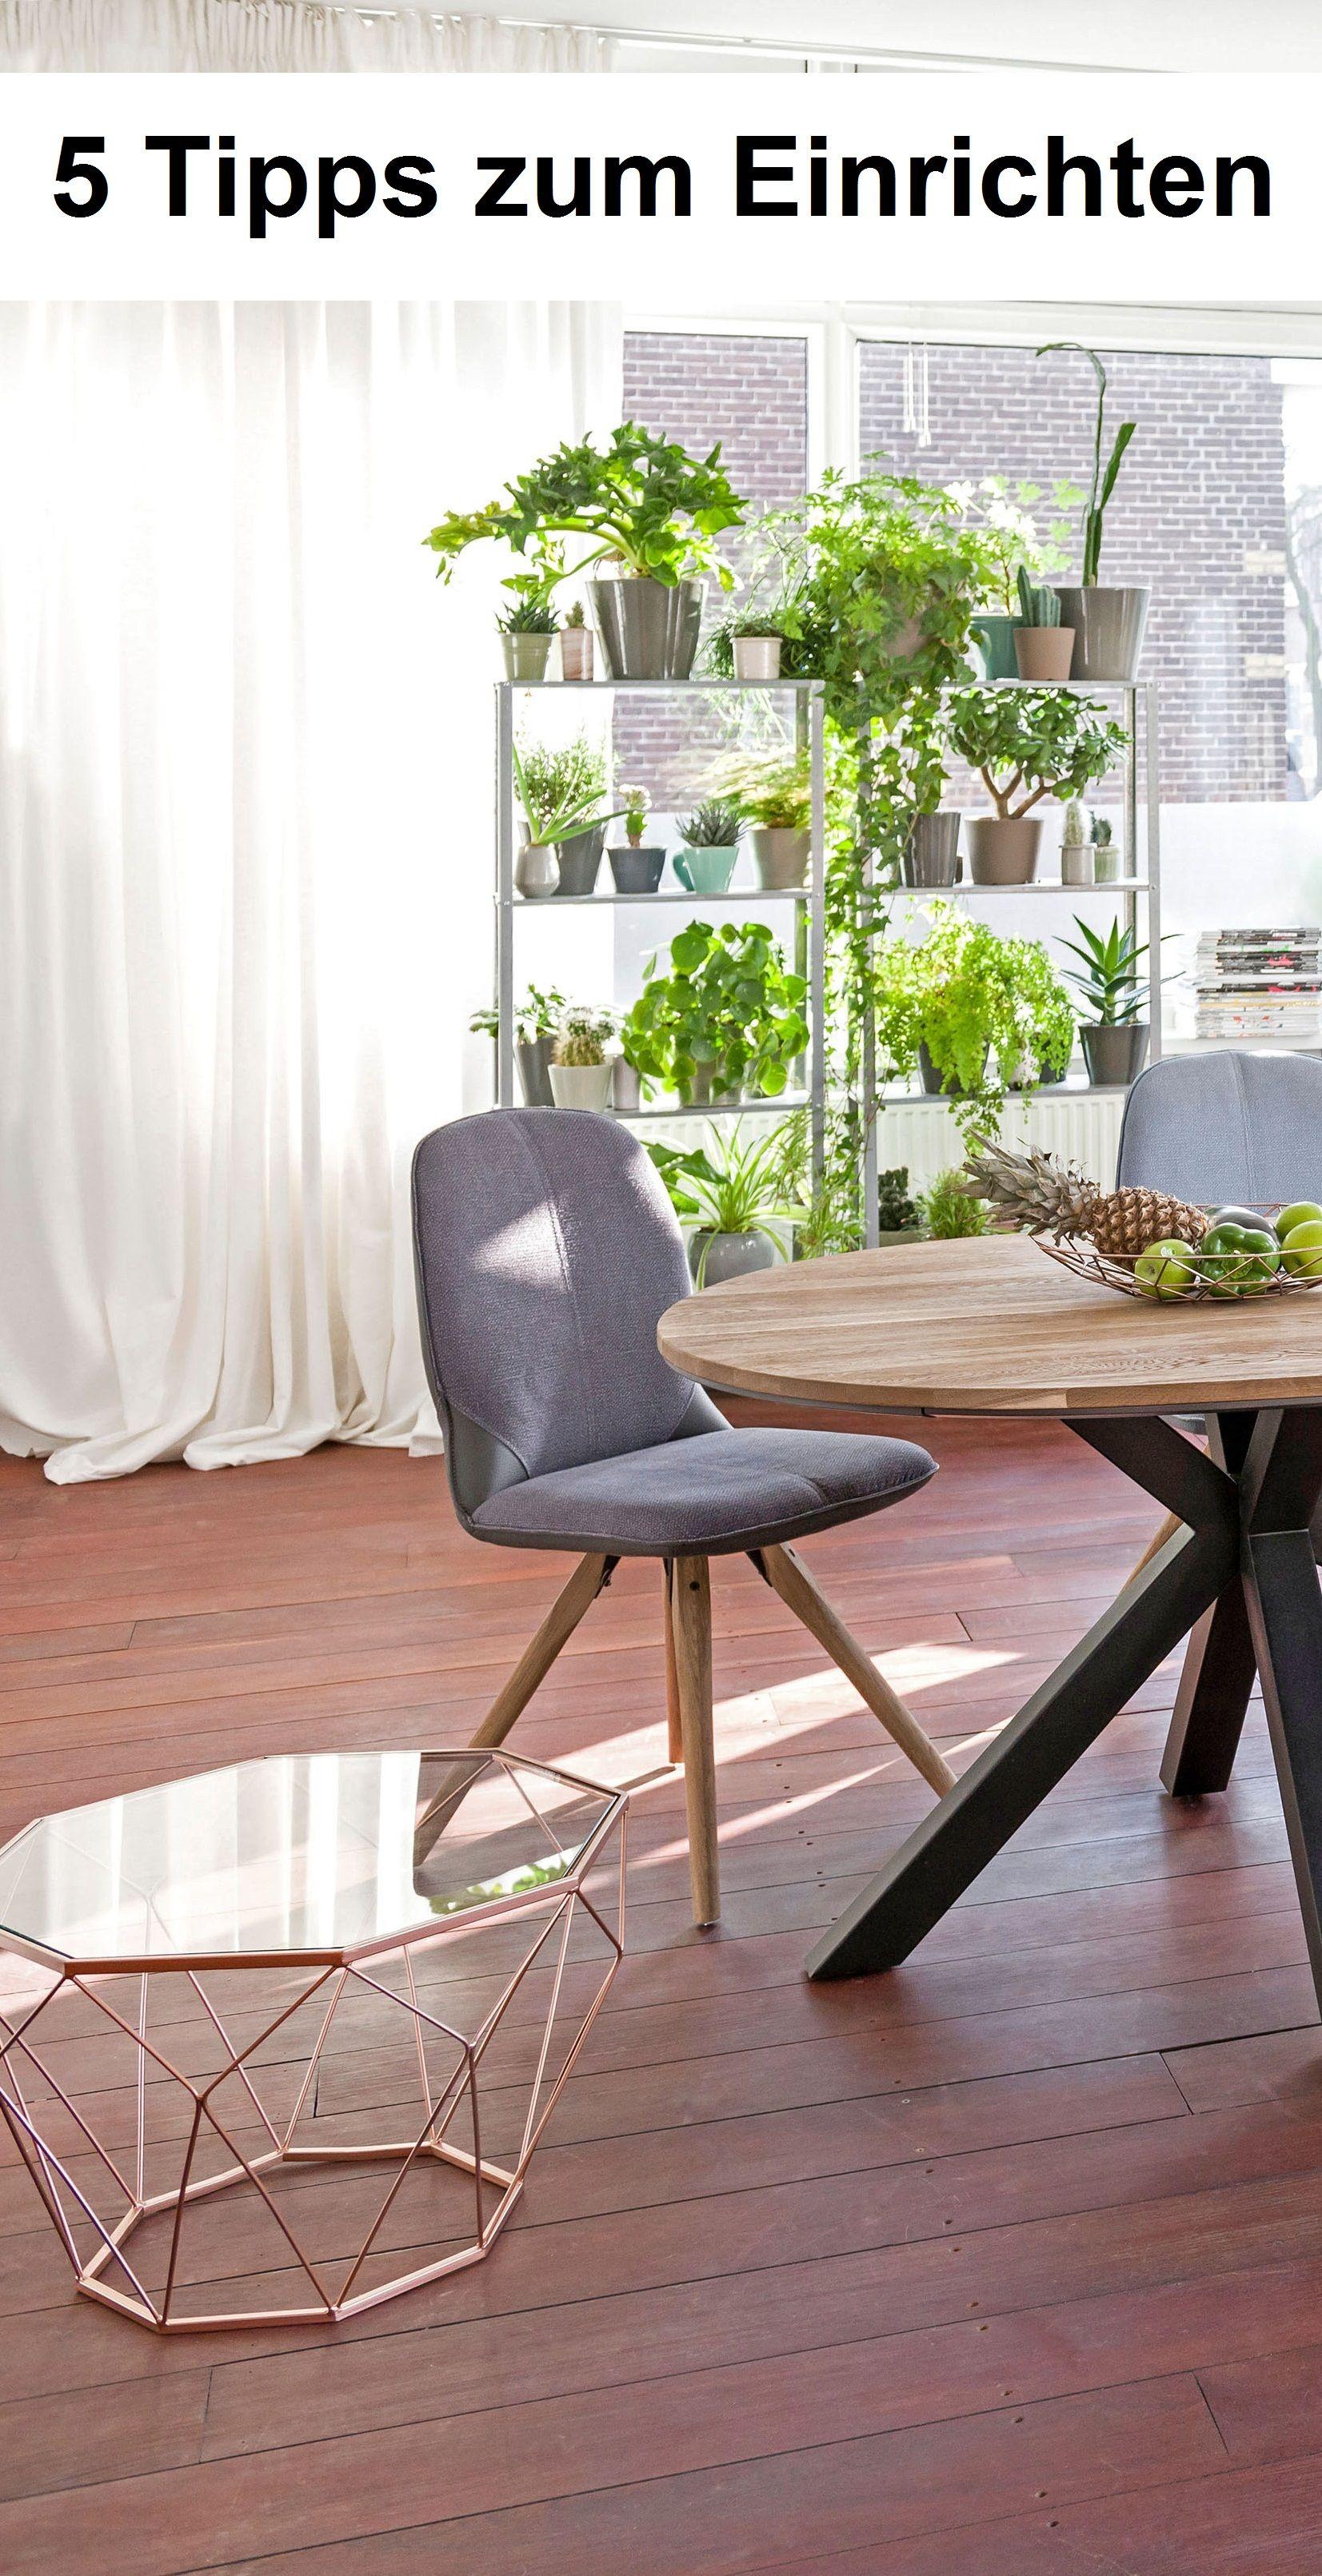 5 Tipps: Wohnzimmer kreativ einrichten | Haus deko, Weiße ...